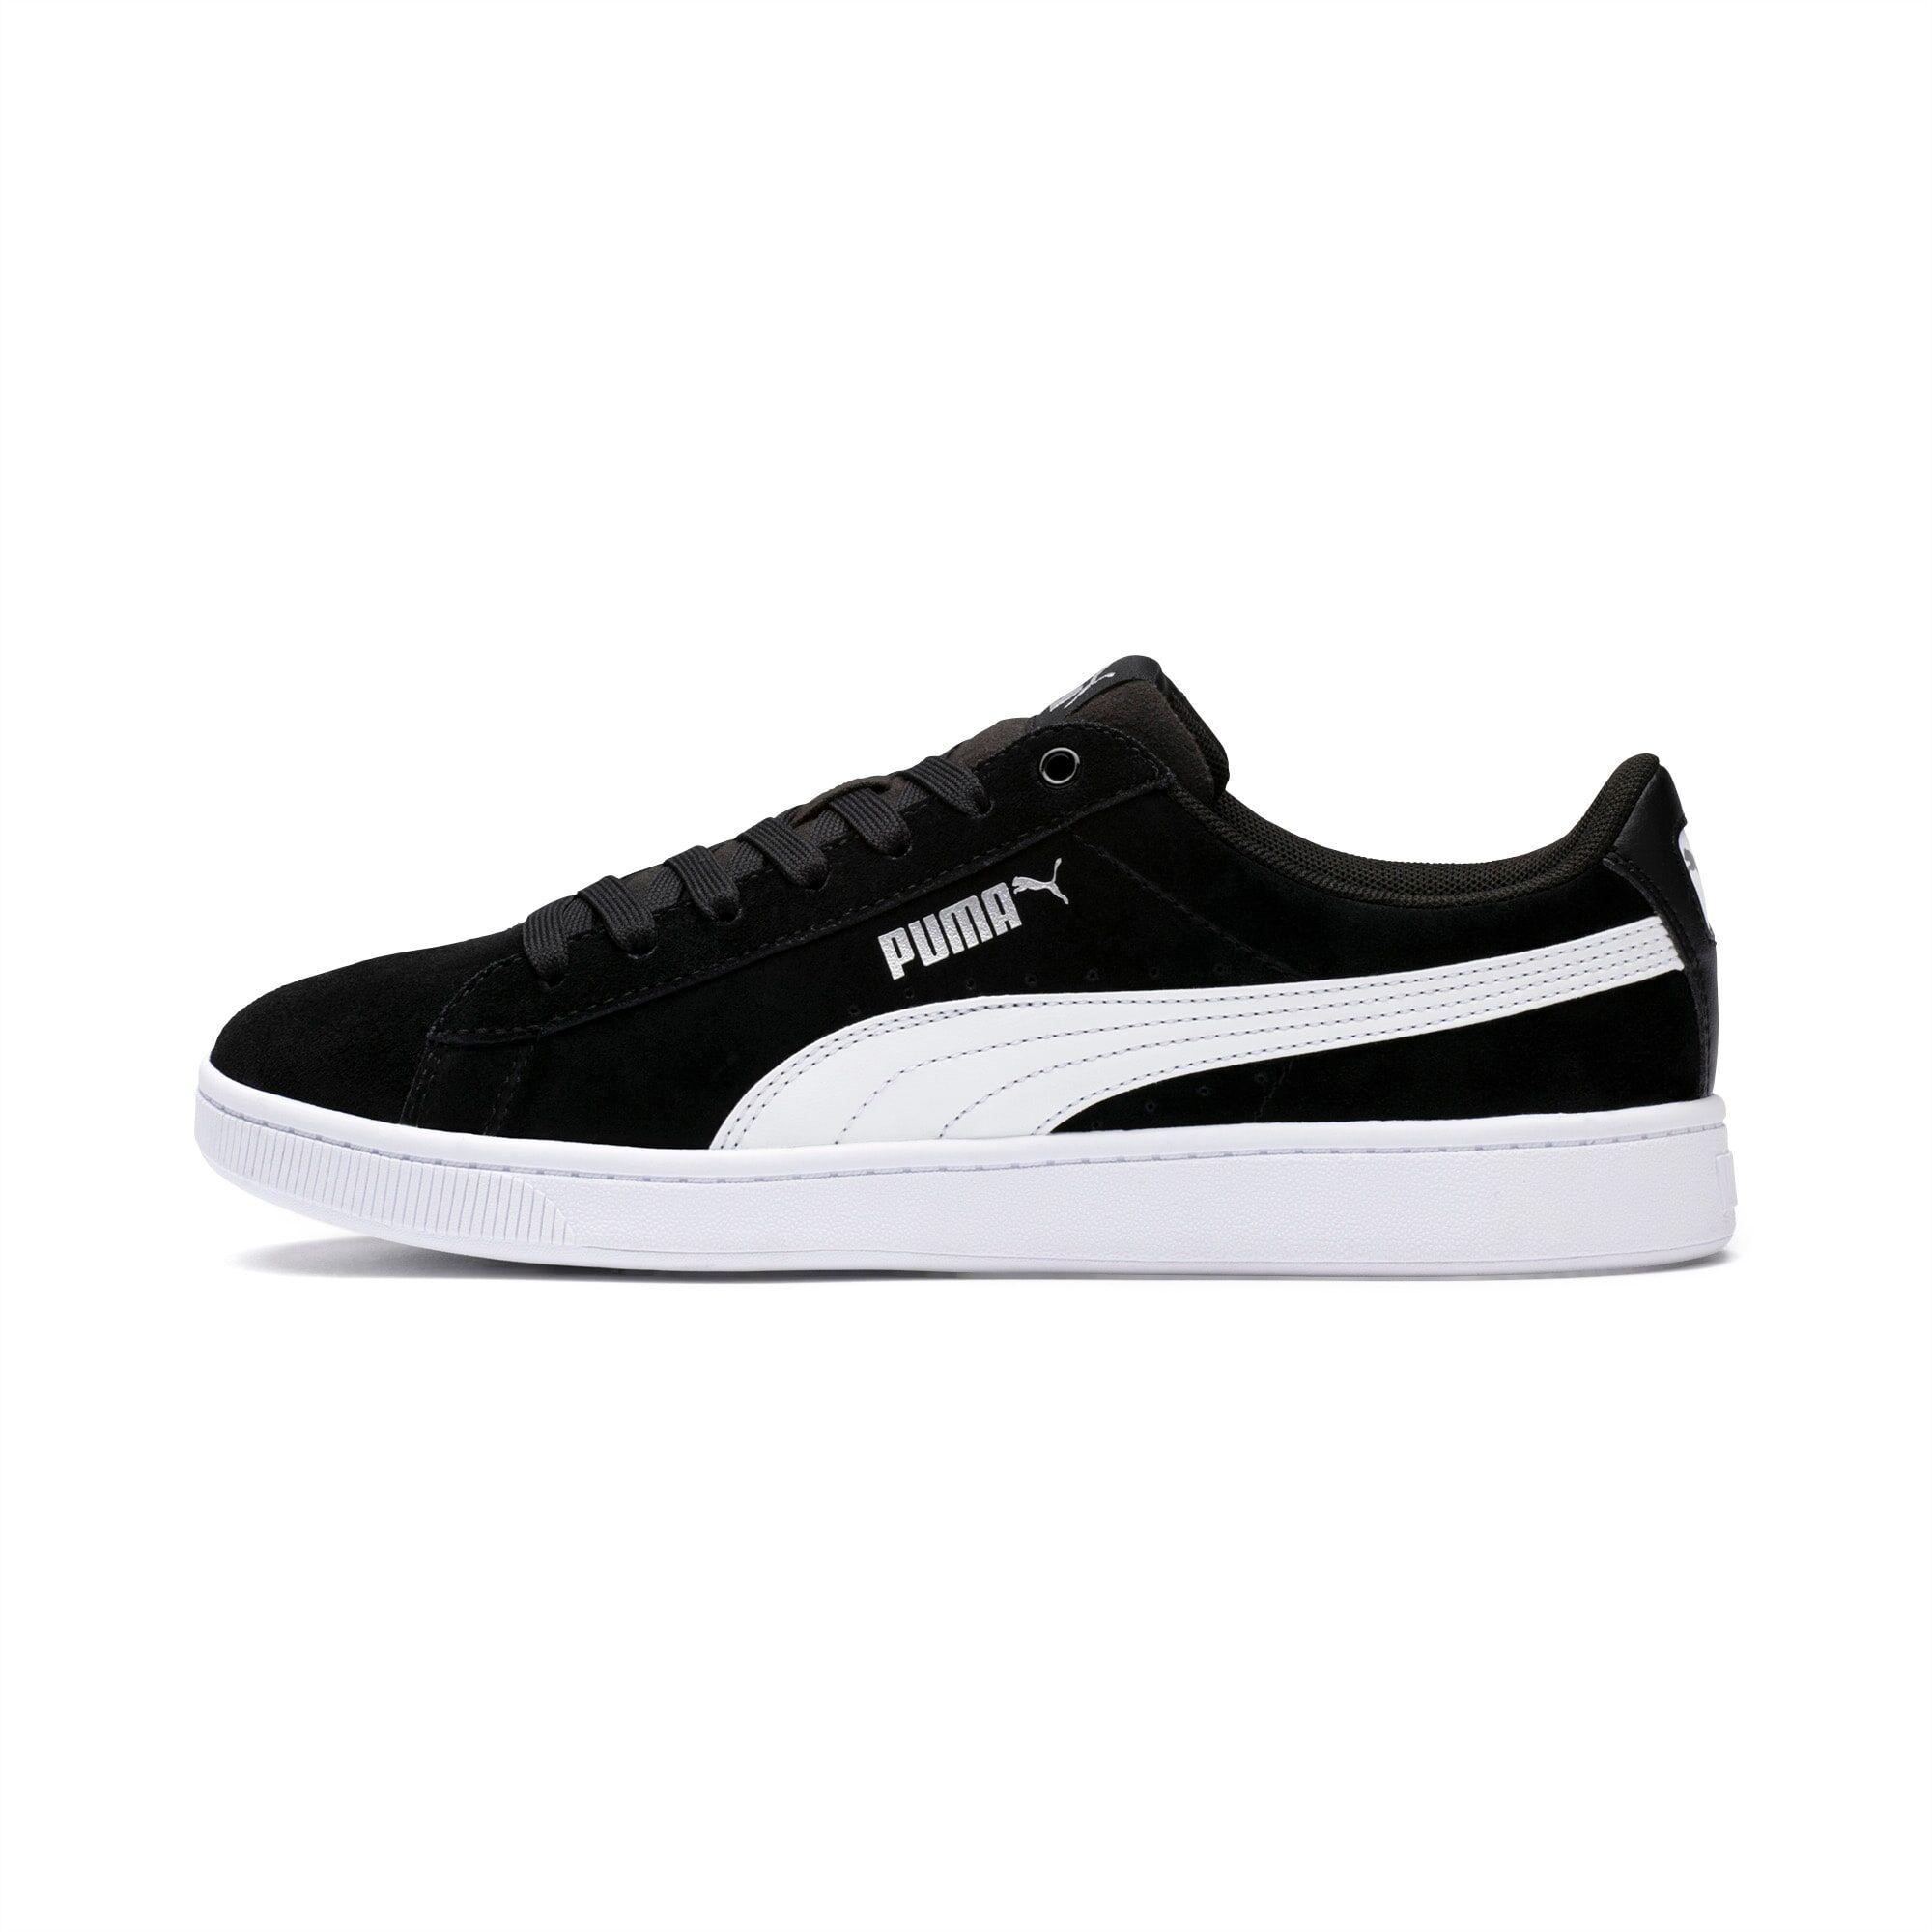 PUMA Chaussure Basket Vikky v2 pour Femme, Noir/Blanc/Argent, Taille 35.5, Chaussures